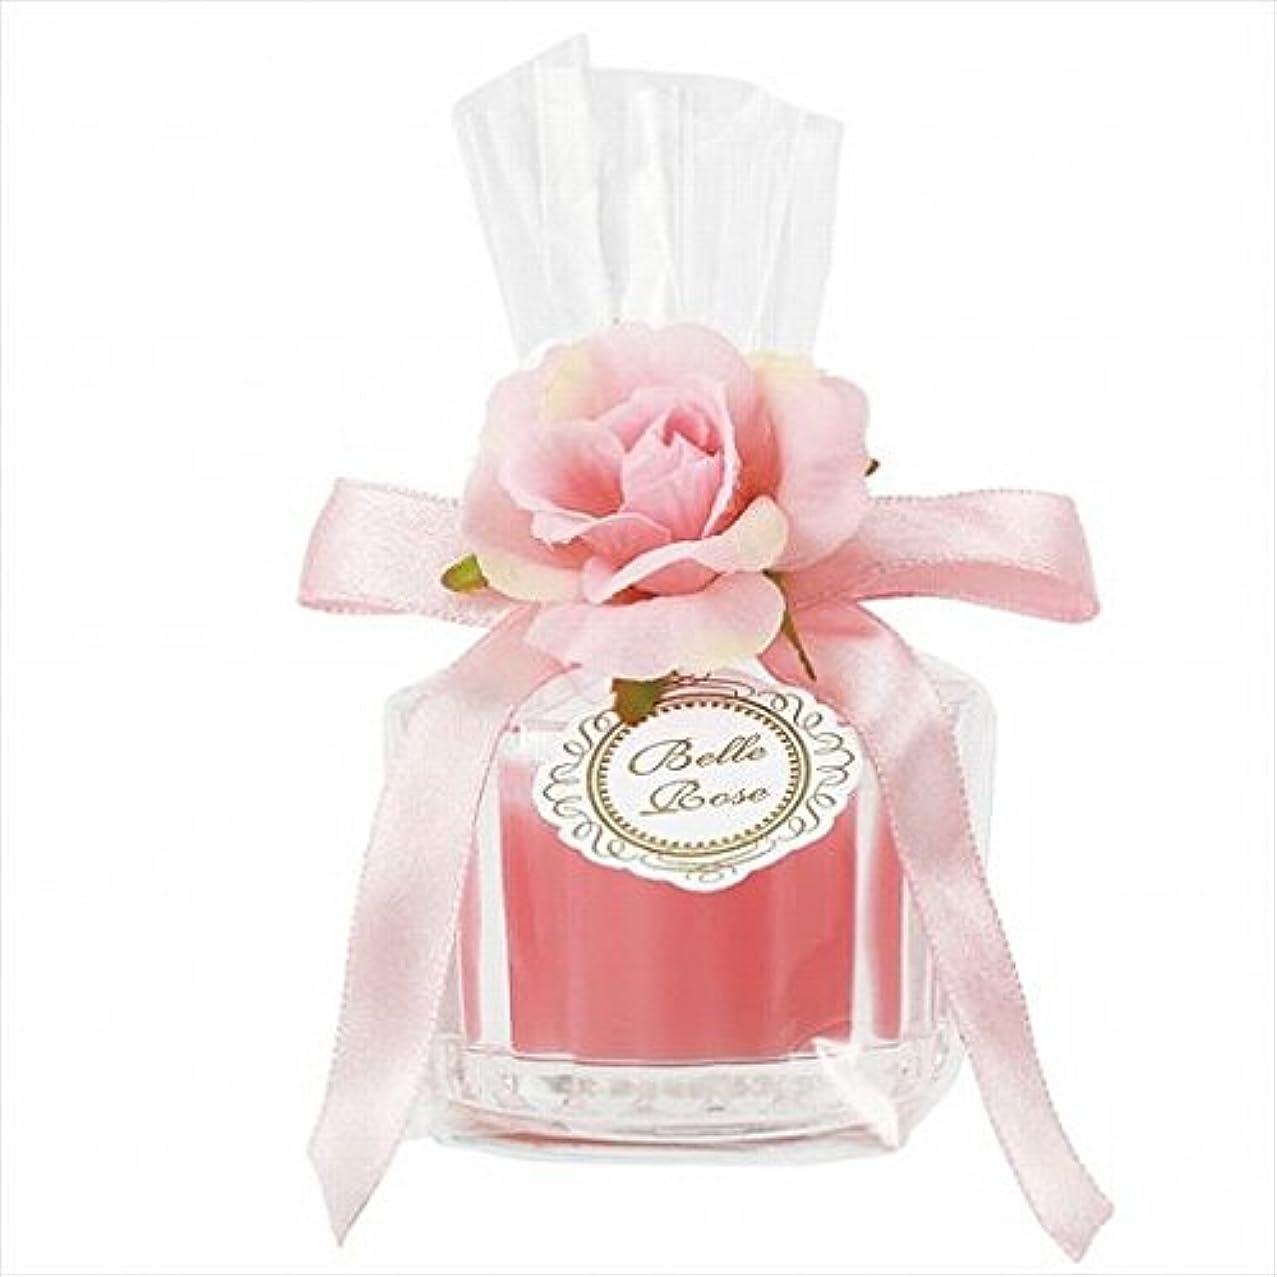 デクリメントスポークスマンしっとりカメヤマキャンドル(kameyama candle) ベルローズミニグラス 「 ピンク 」